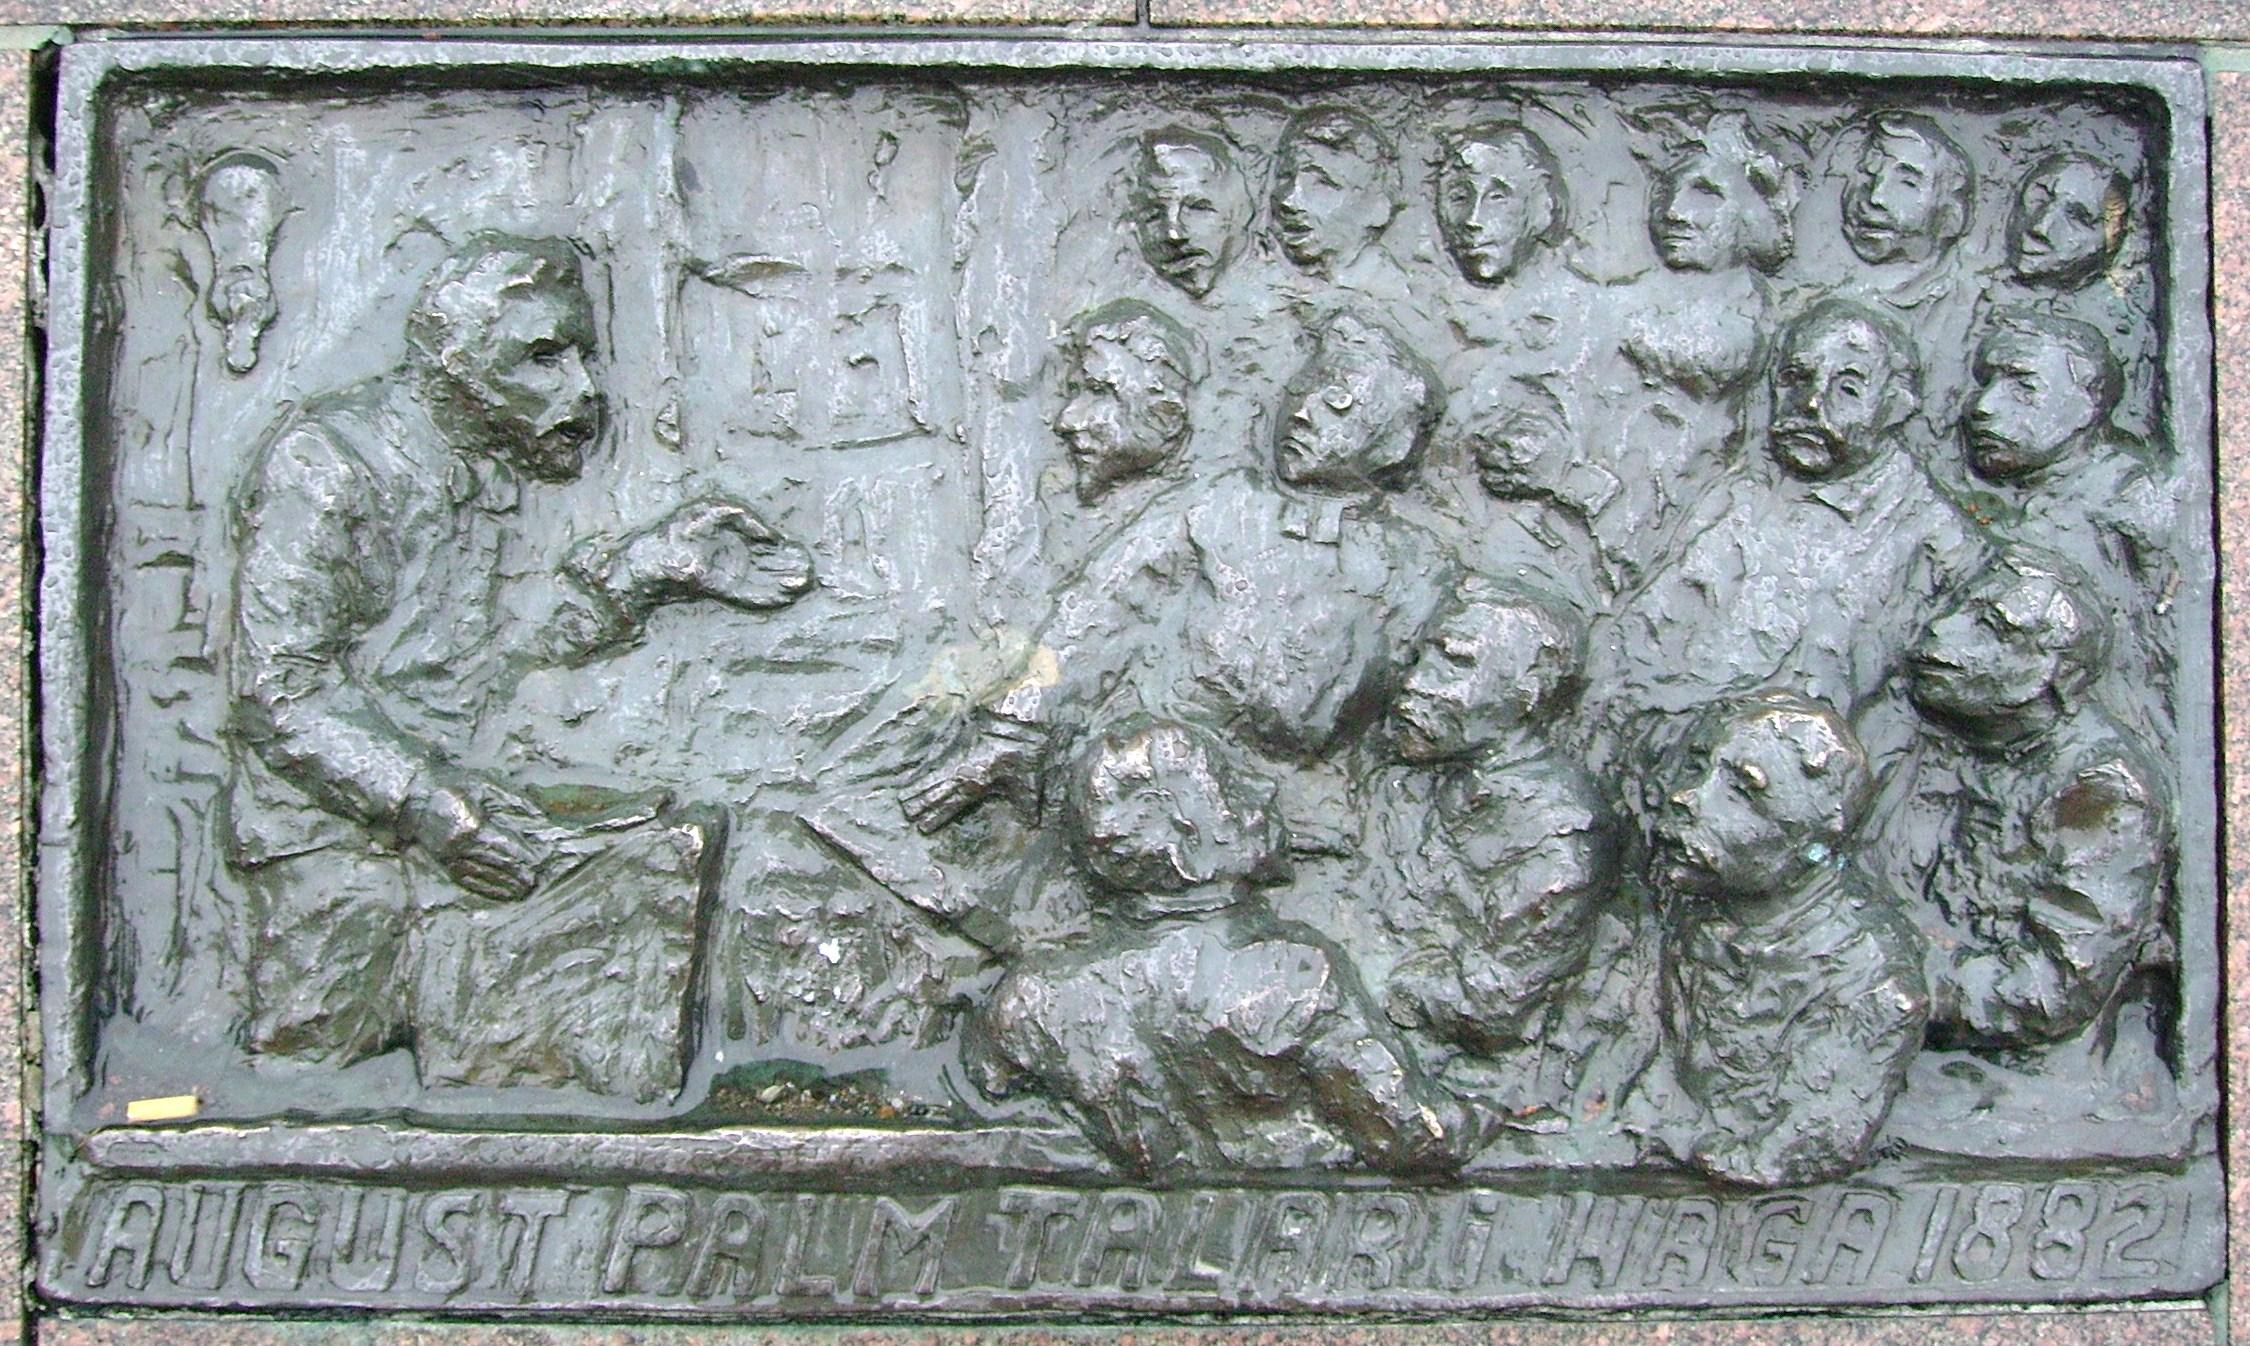 1882 ledde August Palm ett liknande möte i Haga.